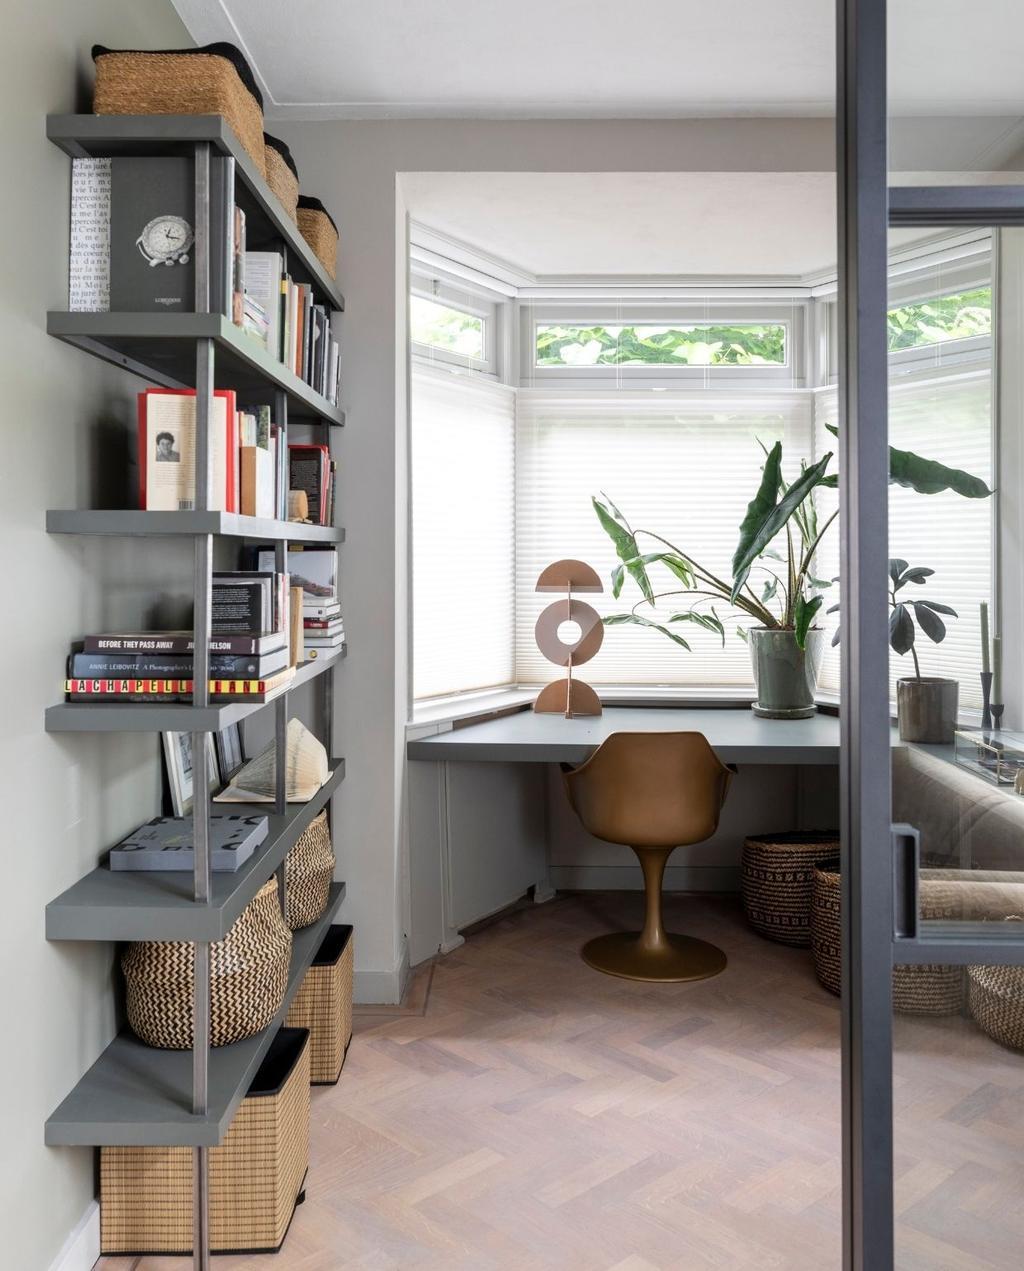 vtwonen apaixonada por sua casa novamente episódio 3 temporada 15 |  Estilista Marianne em Aalsmeer